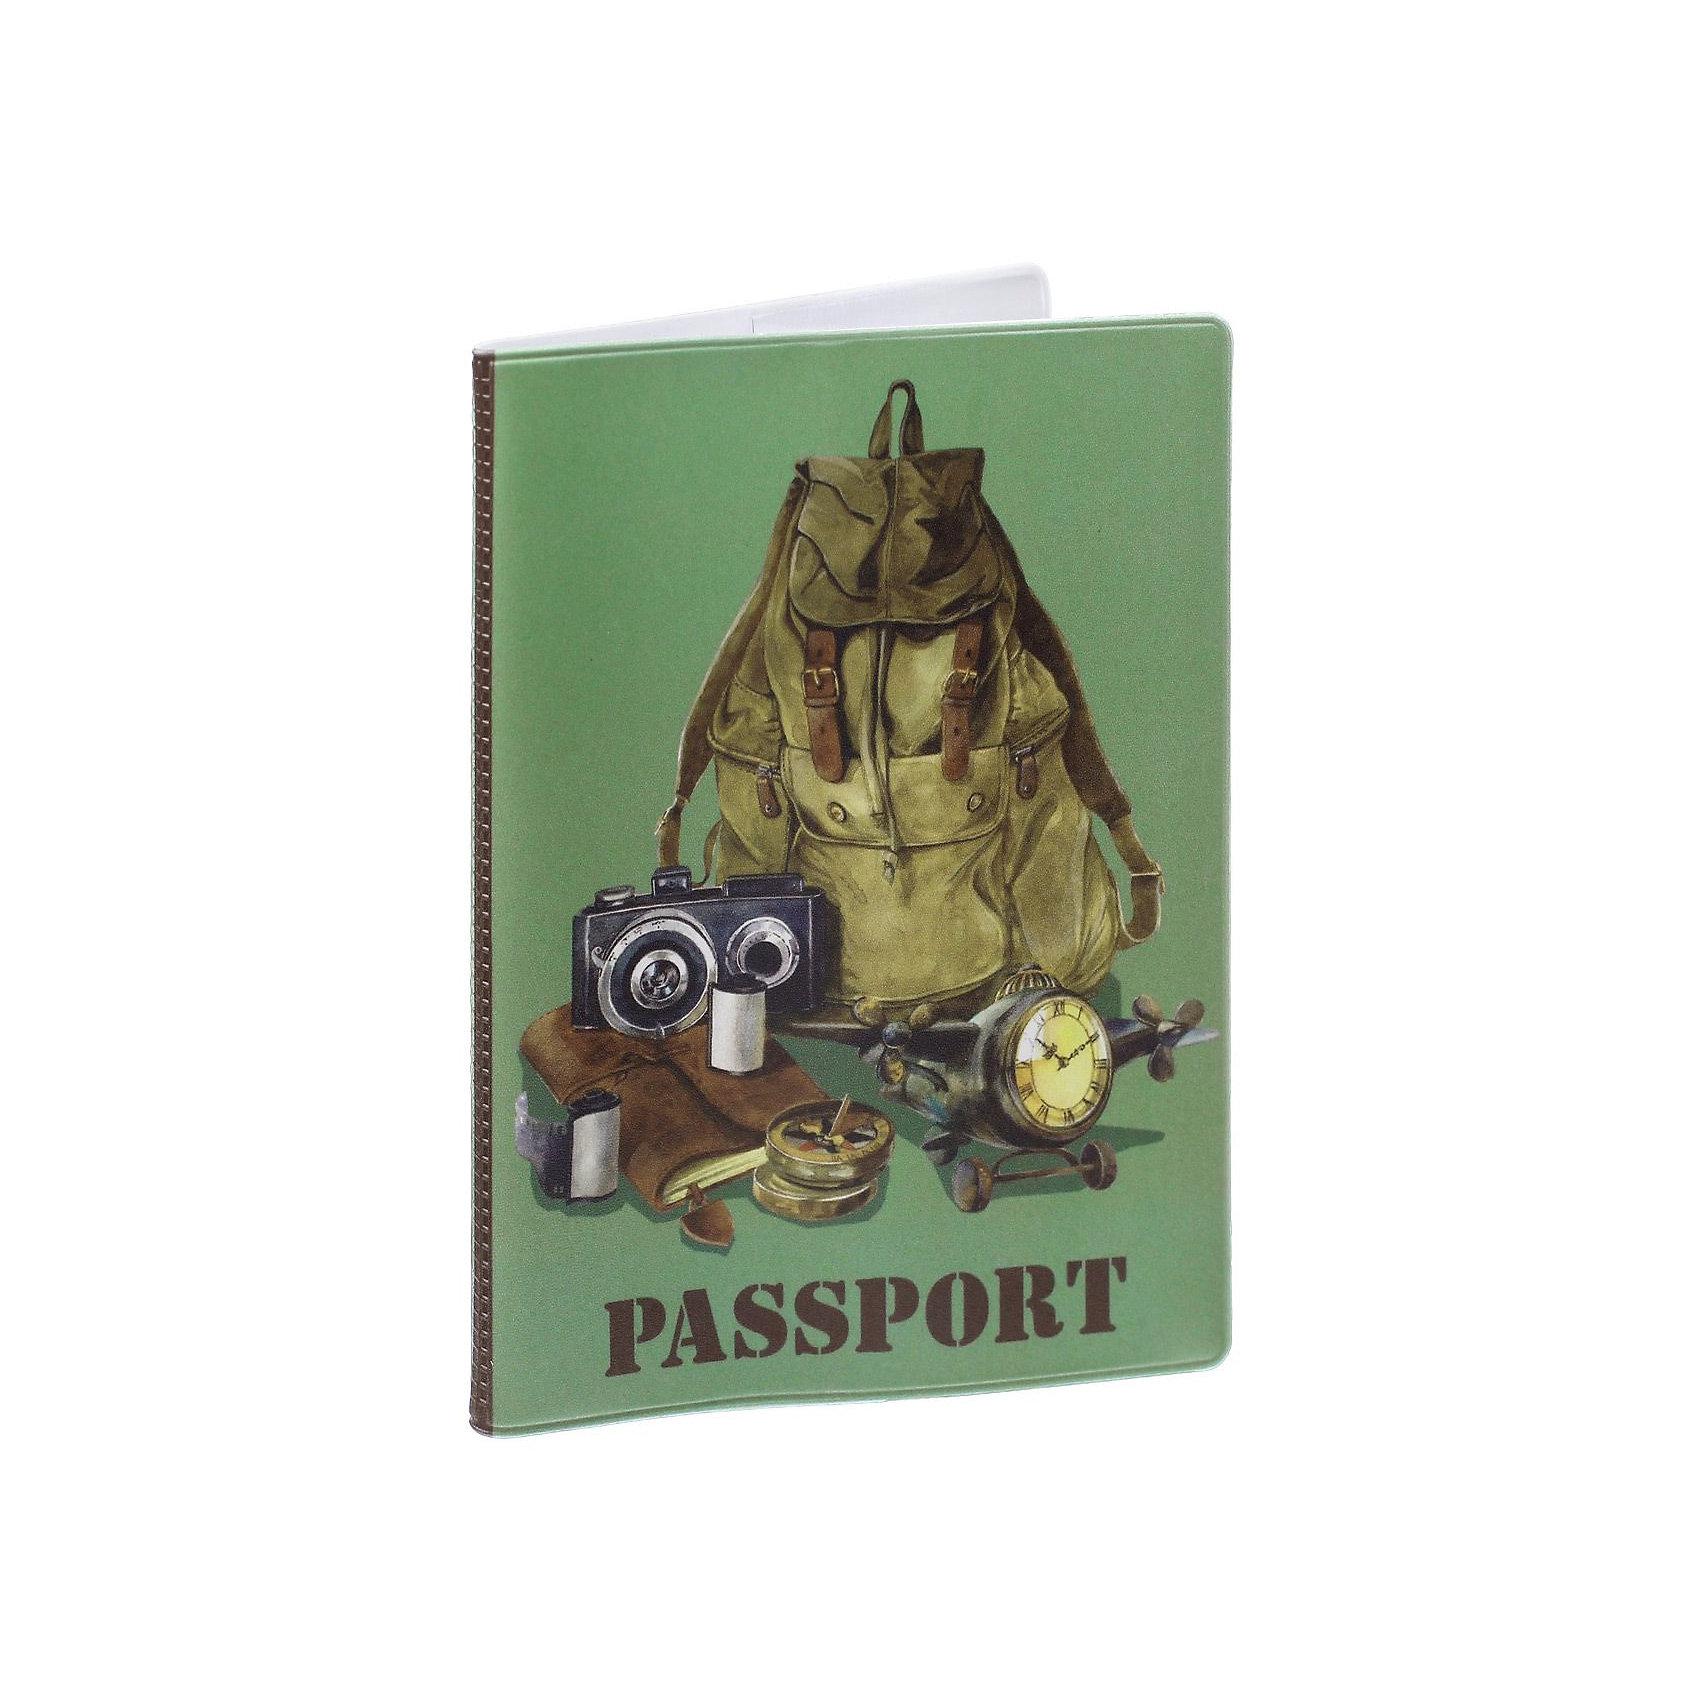 Обложка для паспорта Рюкзак путешественника, Феникс-ПрезентВ дорогу<br>Обложка для паспорта Рюкзак путешественника, Феникс-Презент<br><br>Характеристики:<br><br>• оригинальный дизайн<br>• высокая прочность<br>• размер: 13,3х19,1 см<br>• материал: ПВХ<br><br>Обложка Рюкзак путешественника надежно защитит ваш паспорт от механических воздействий. Она выполнена из качественного поливинилхлорида, устойчивого к износу. На обложке изображен рюкзак с принадлежностями путешественника. Практичная и оригинальная обложка станет отличным подарком!<br><br>Обложку для паспорта Рюкзак путешественника, Феникс-Презент можно купить в нашем интернет-магазине.<br><br>Ширина мм: 133<br>Глубина мм: 191<br>Высота мм: 50<br>Вес г: 35<br>Возраст от месяцев: 168<br>Возраст до месяцев: 2147483647<br>Пол: Унисекс<br>Возраст: Детский<br>SKU: 5449597